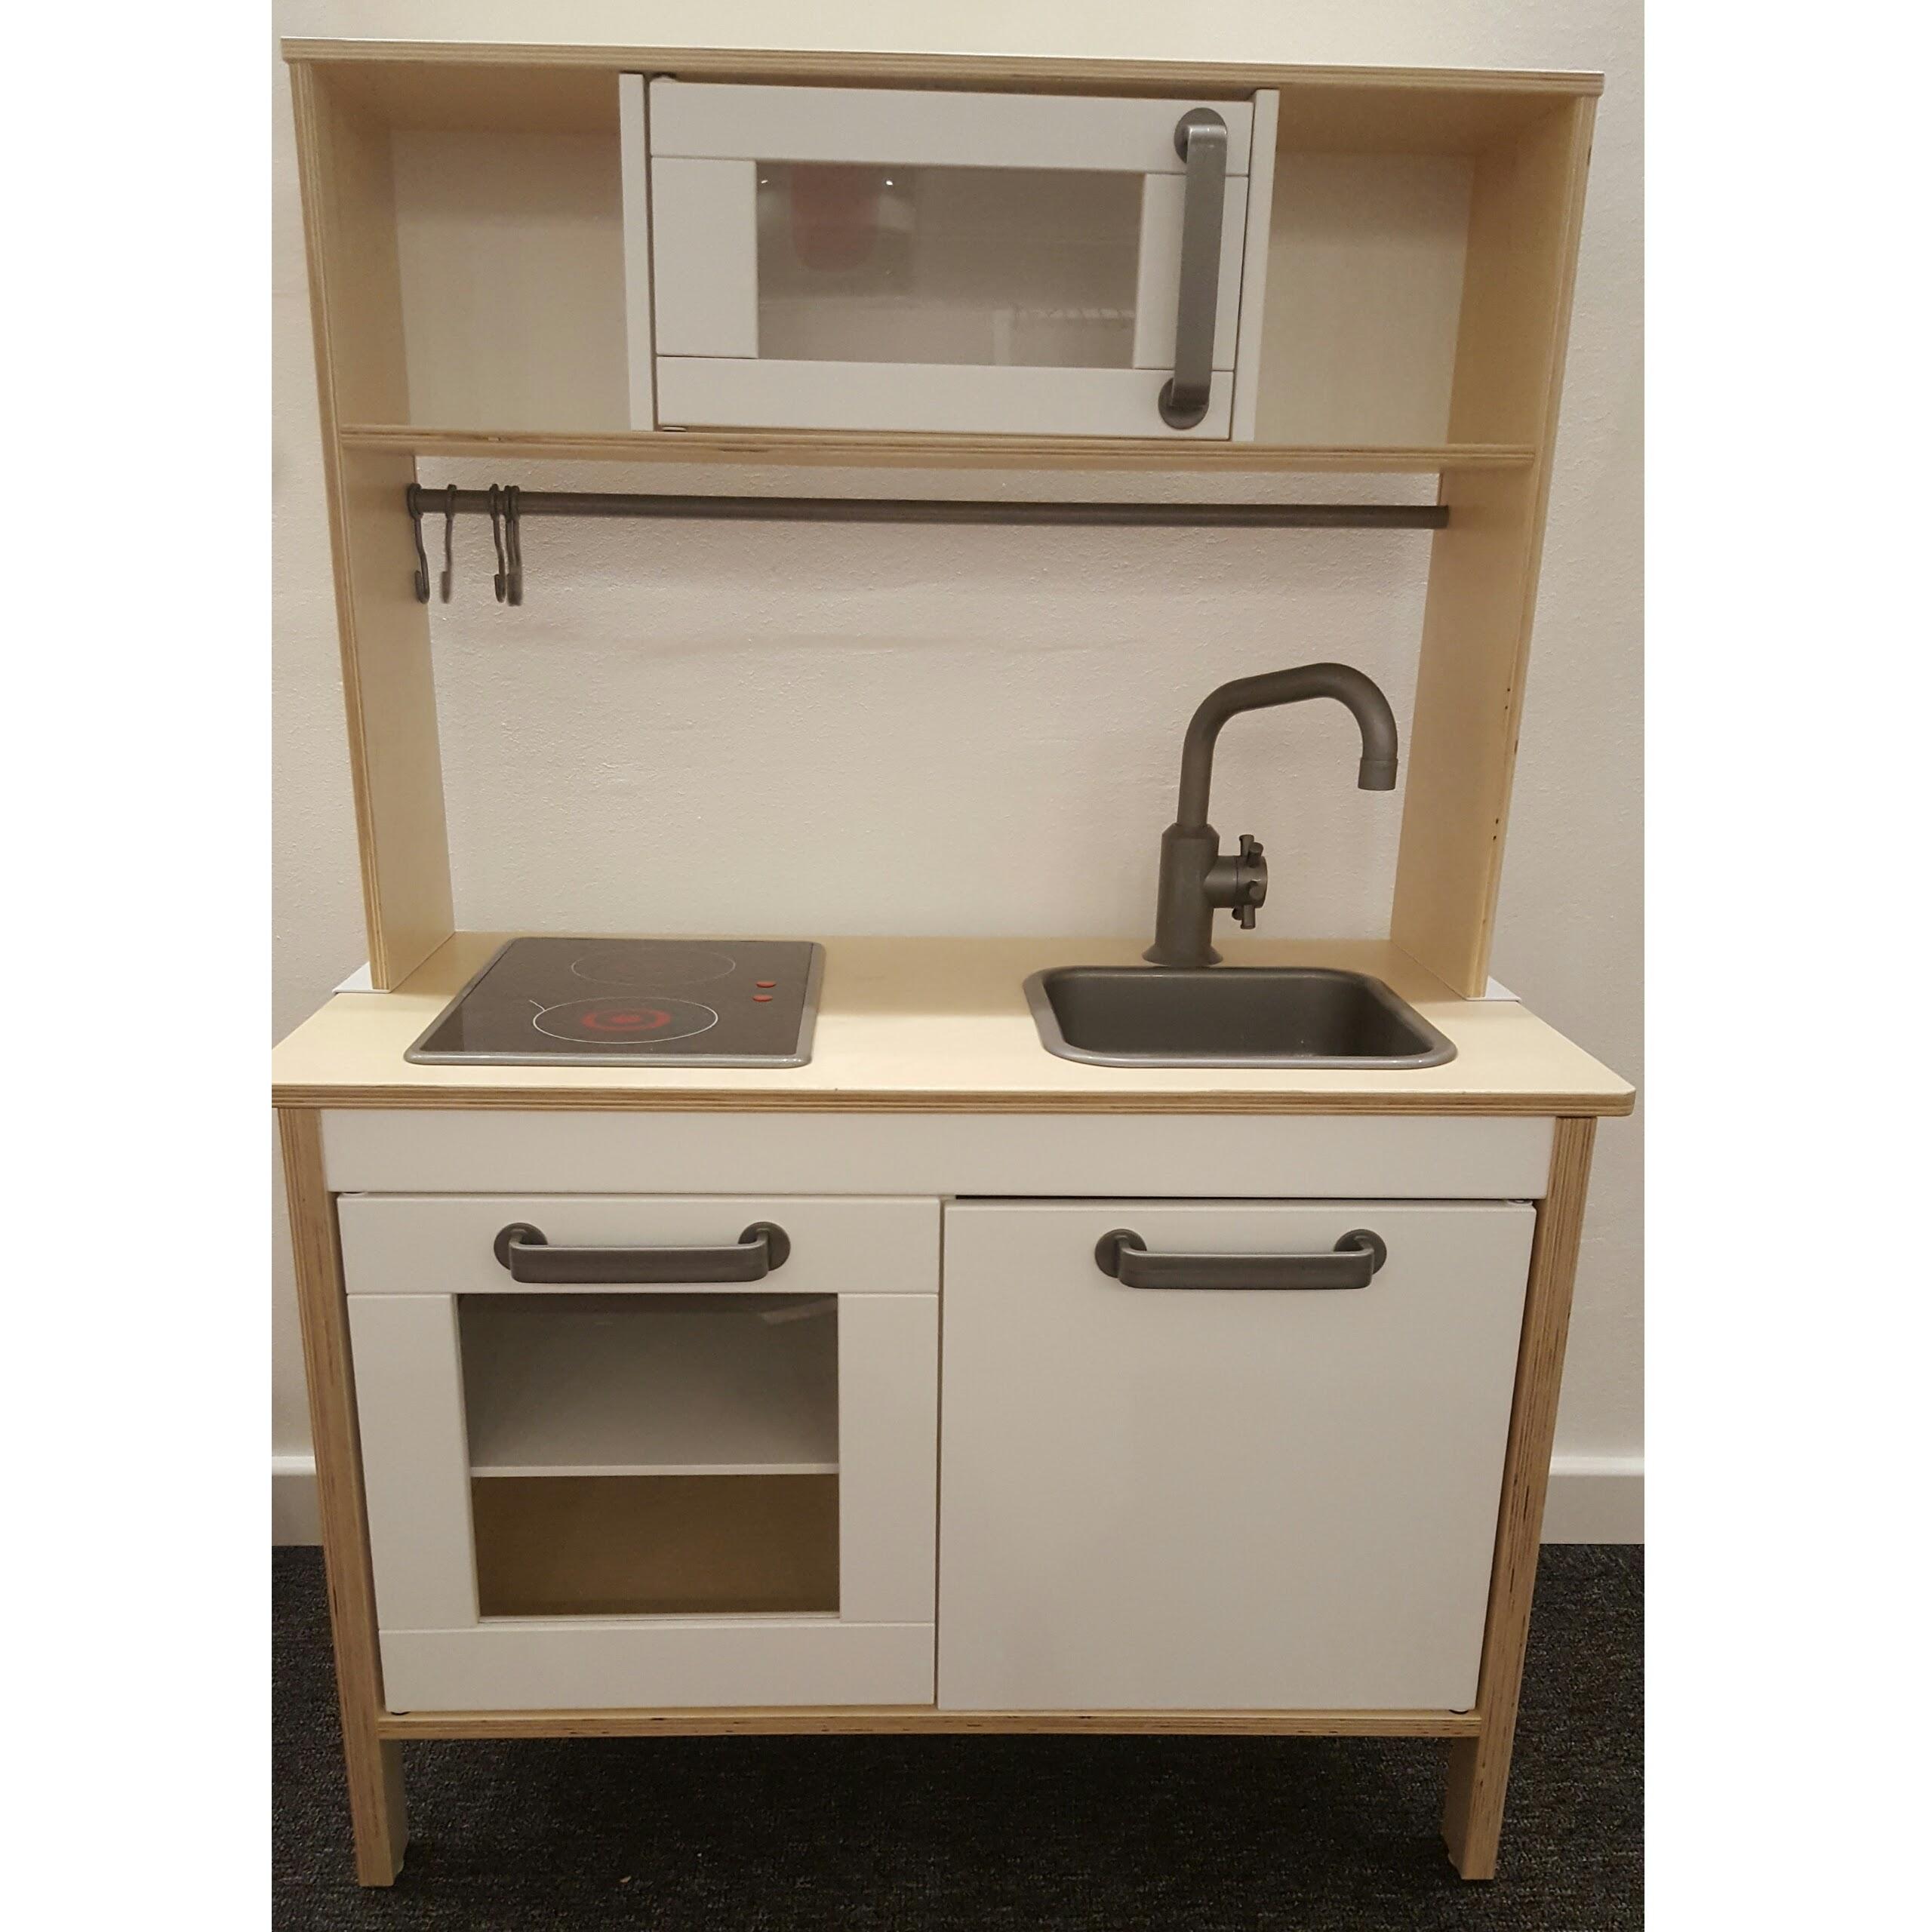 Full Size of Rückwand Küche Ikea Billig Einbauküche Mit E Geräten Vorratsdosen Vorhänge Sofa Schlaffunktion Eiche Winkel Doppelblock Behindertengerechte Kaufen Wohnzimmer Rückwand Küche Ikea